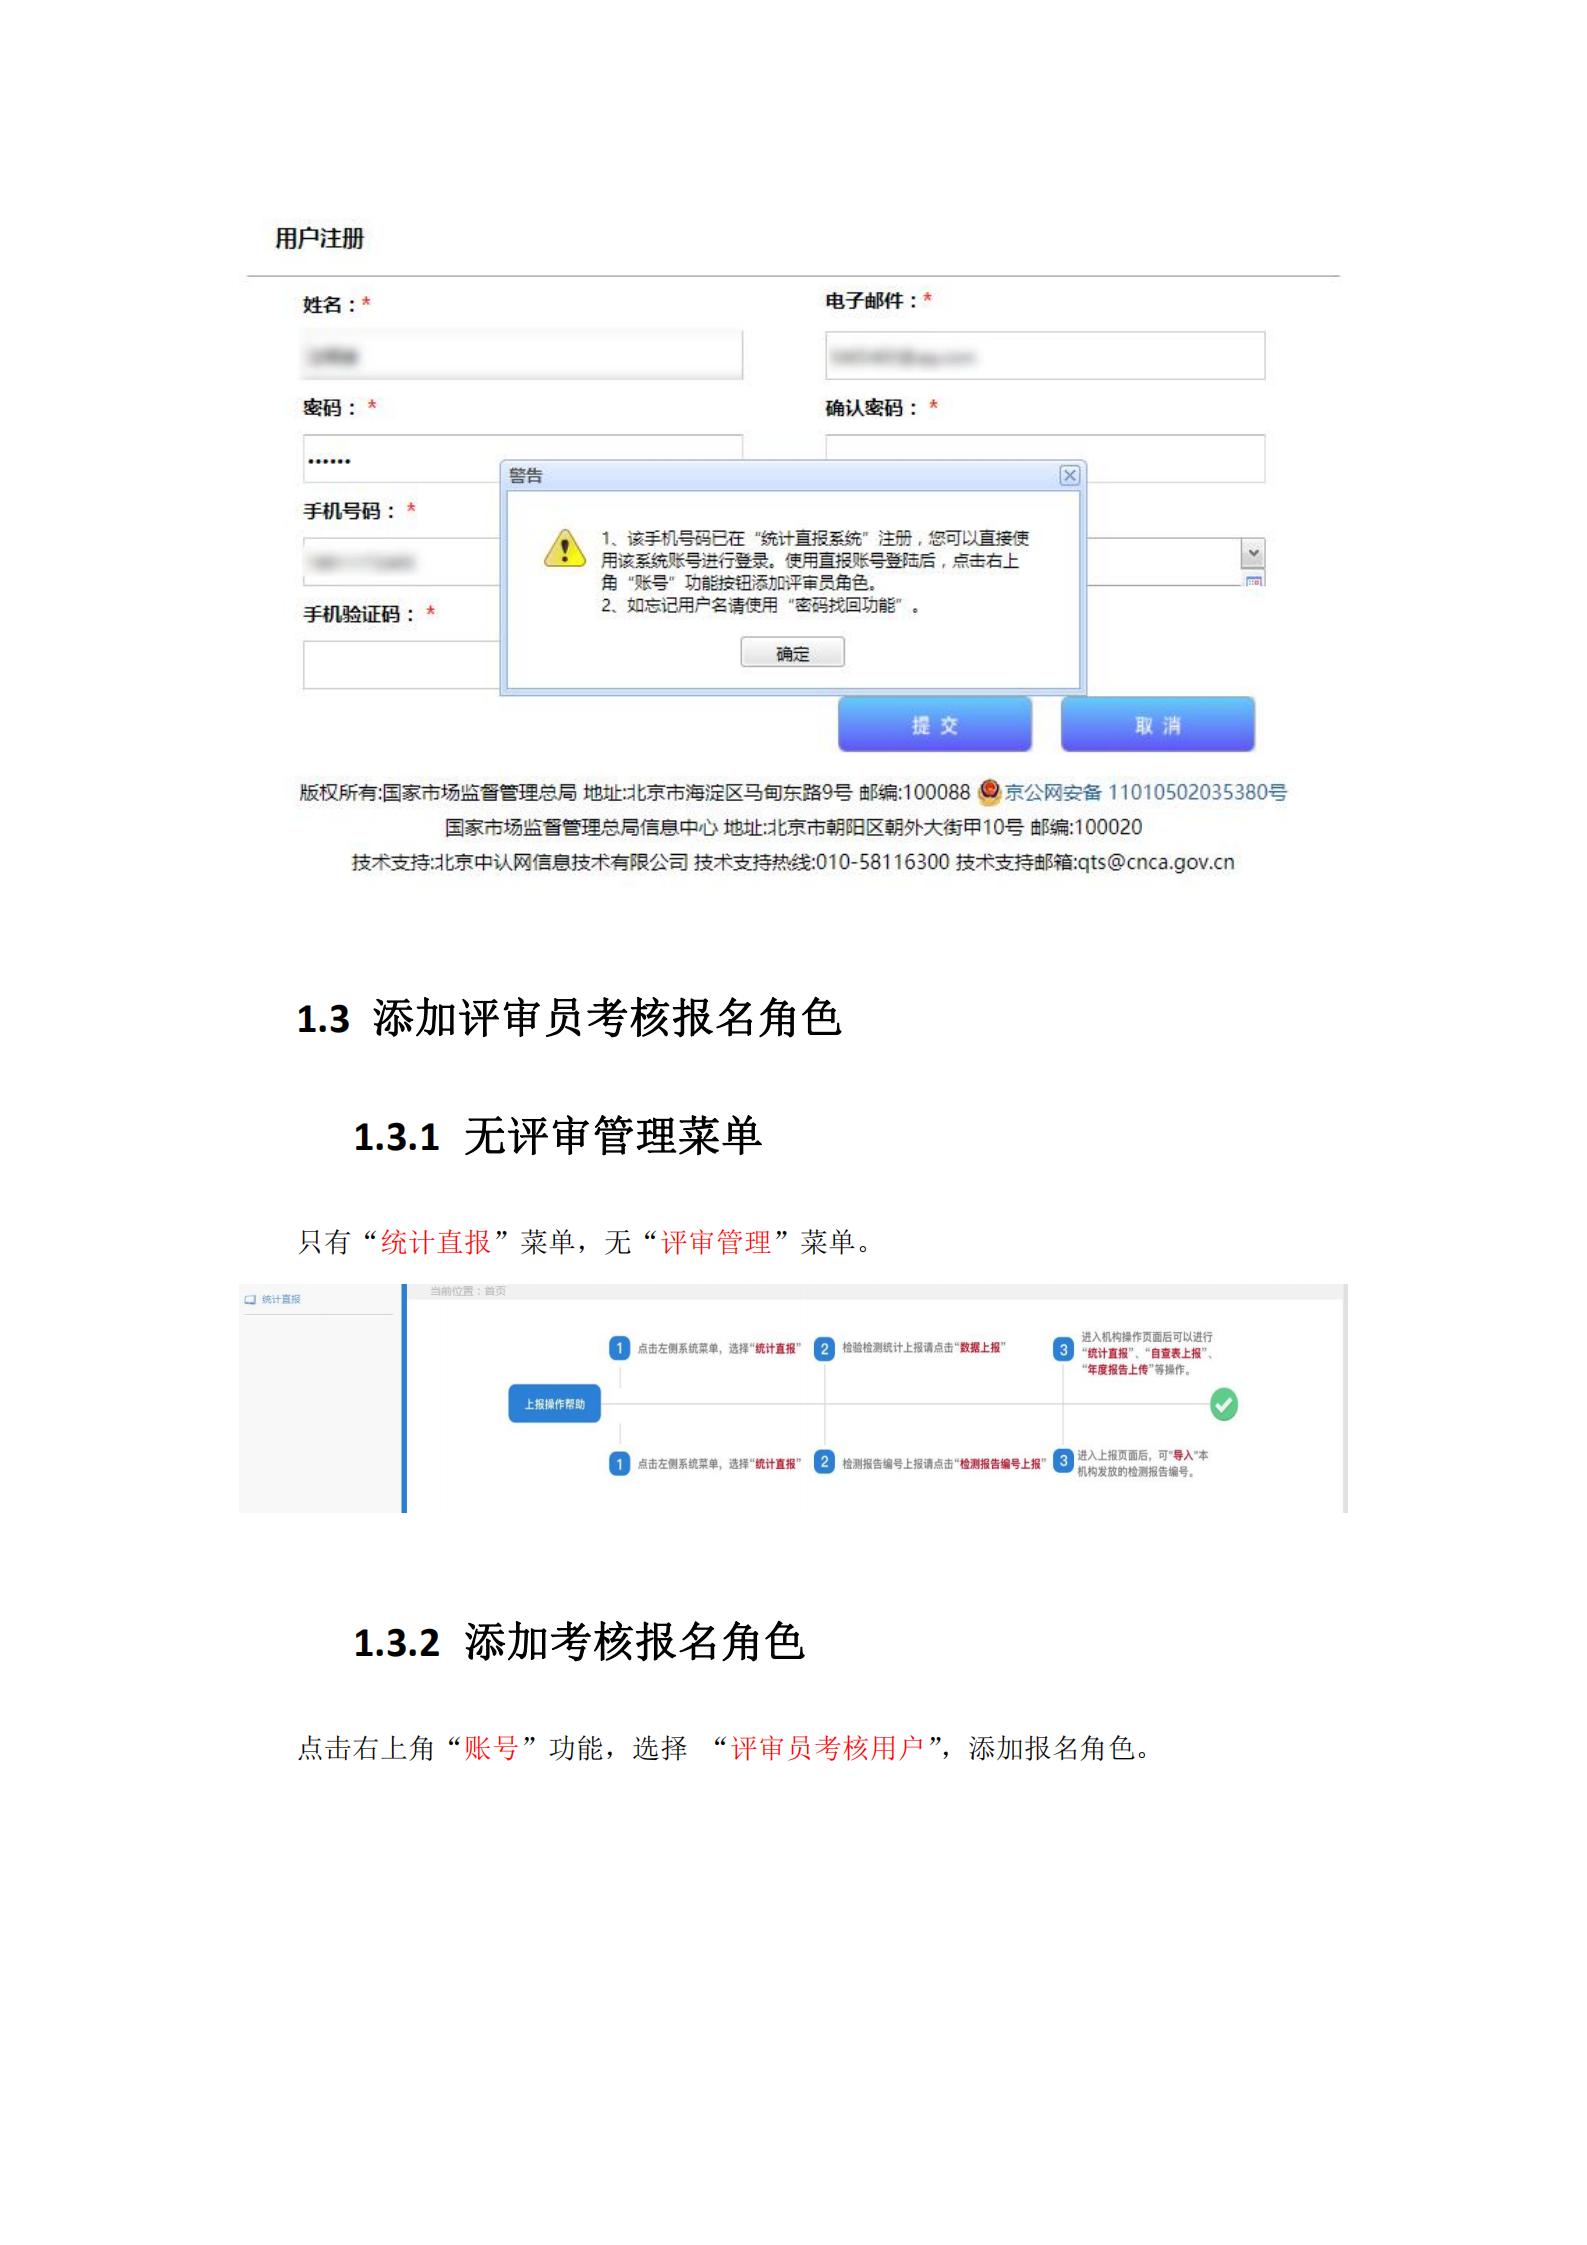 新评审员报名使用手册_02.png